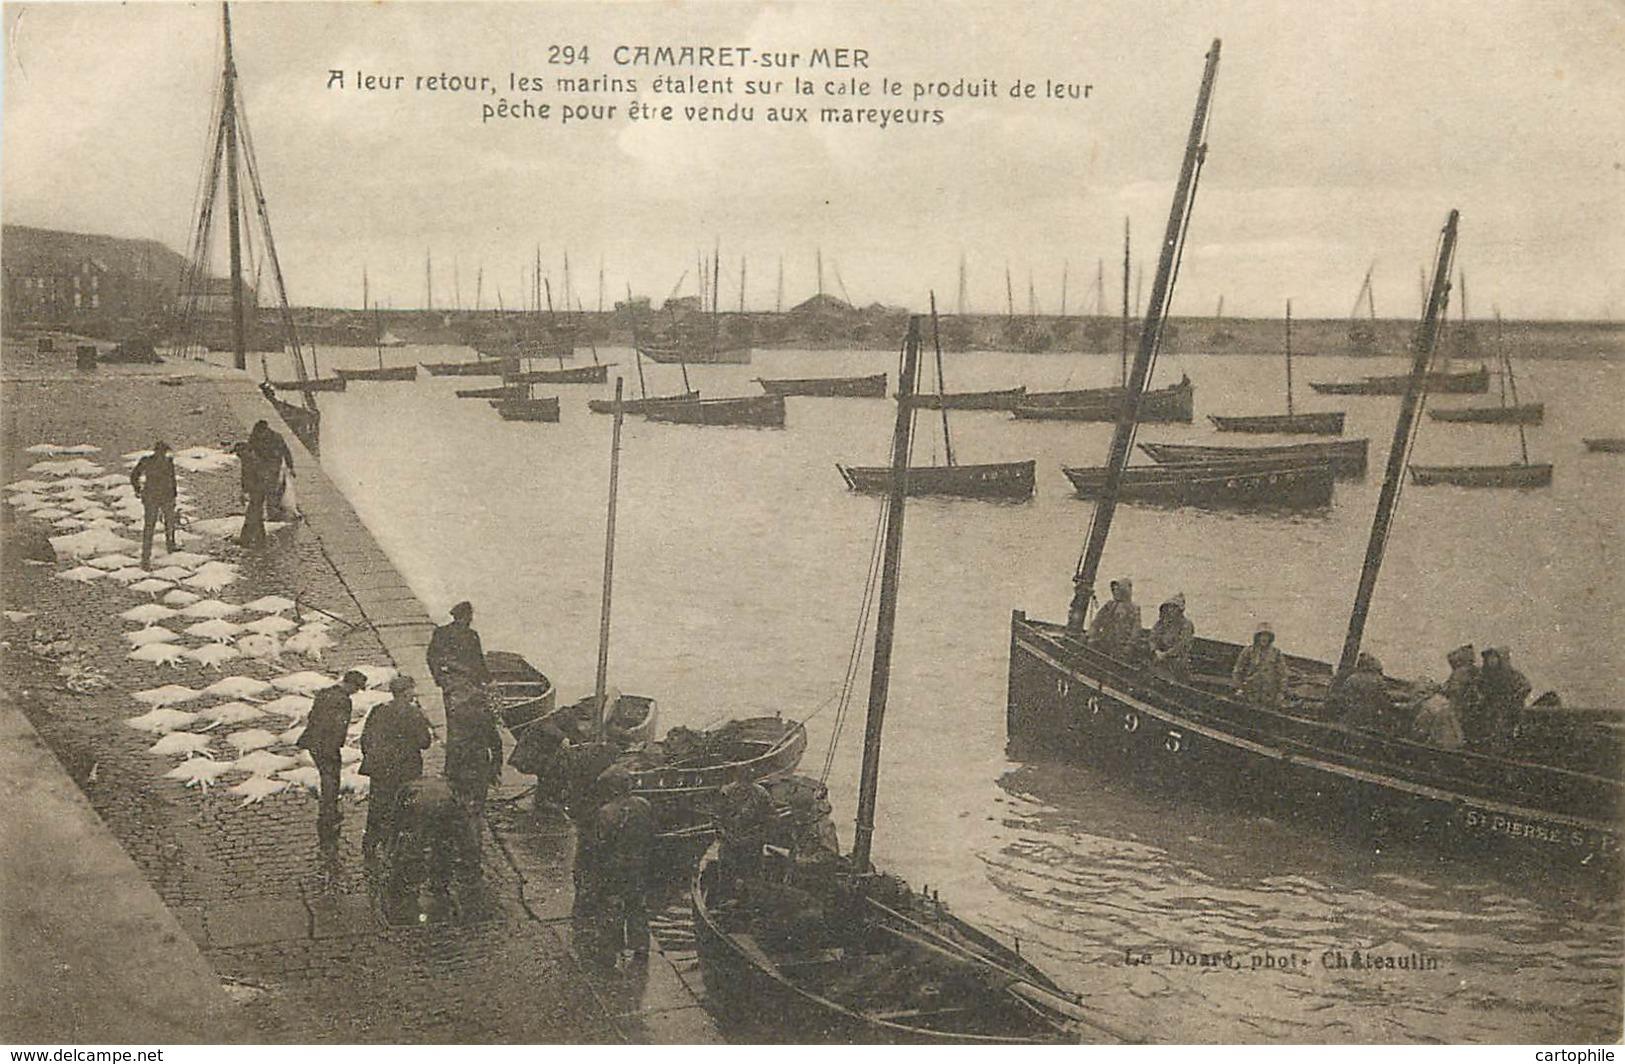 29 - CAMARET - Marins Sur La Cale Vendant Le Produit De Leur Peche Aux Mareyeurs En 1918 - Camaret-sur-Mer